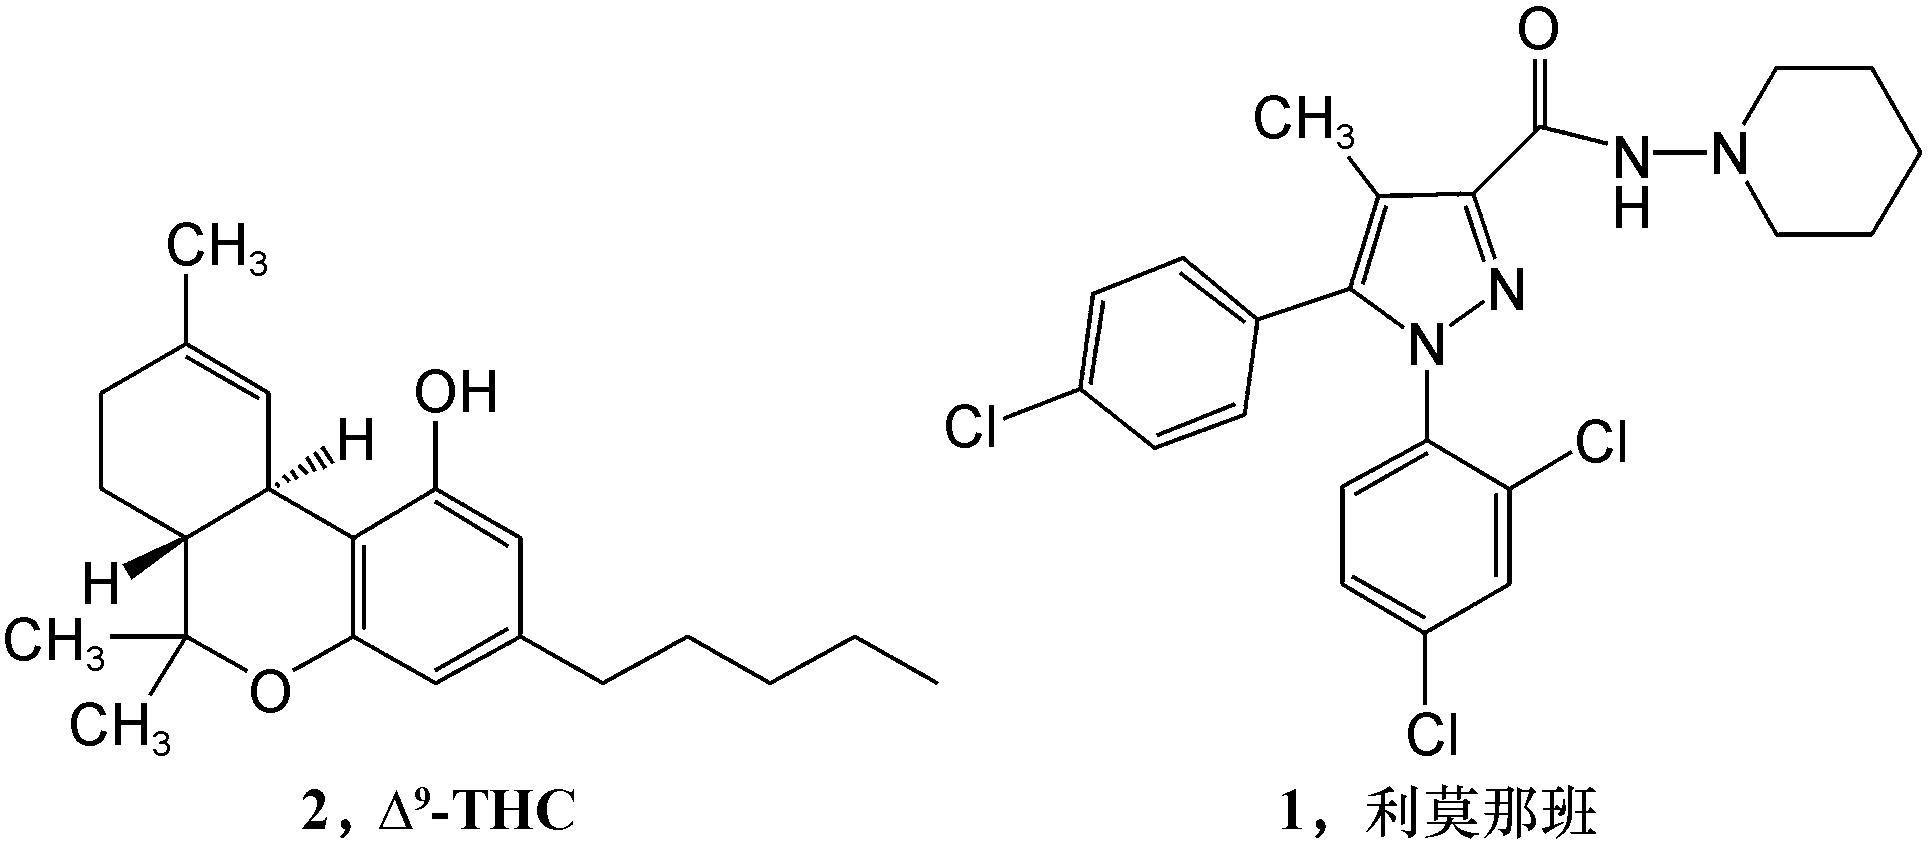 大麻受体1阻滞剂的构效关系研究进展